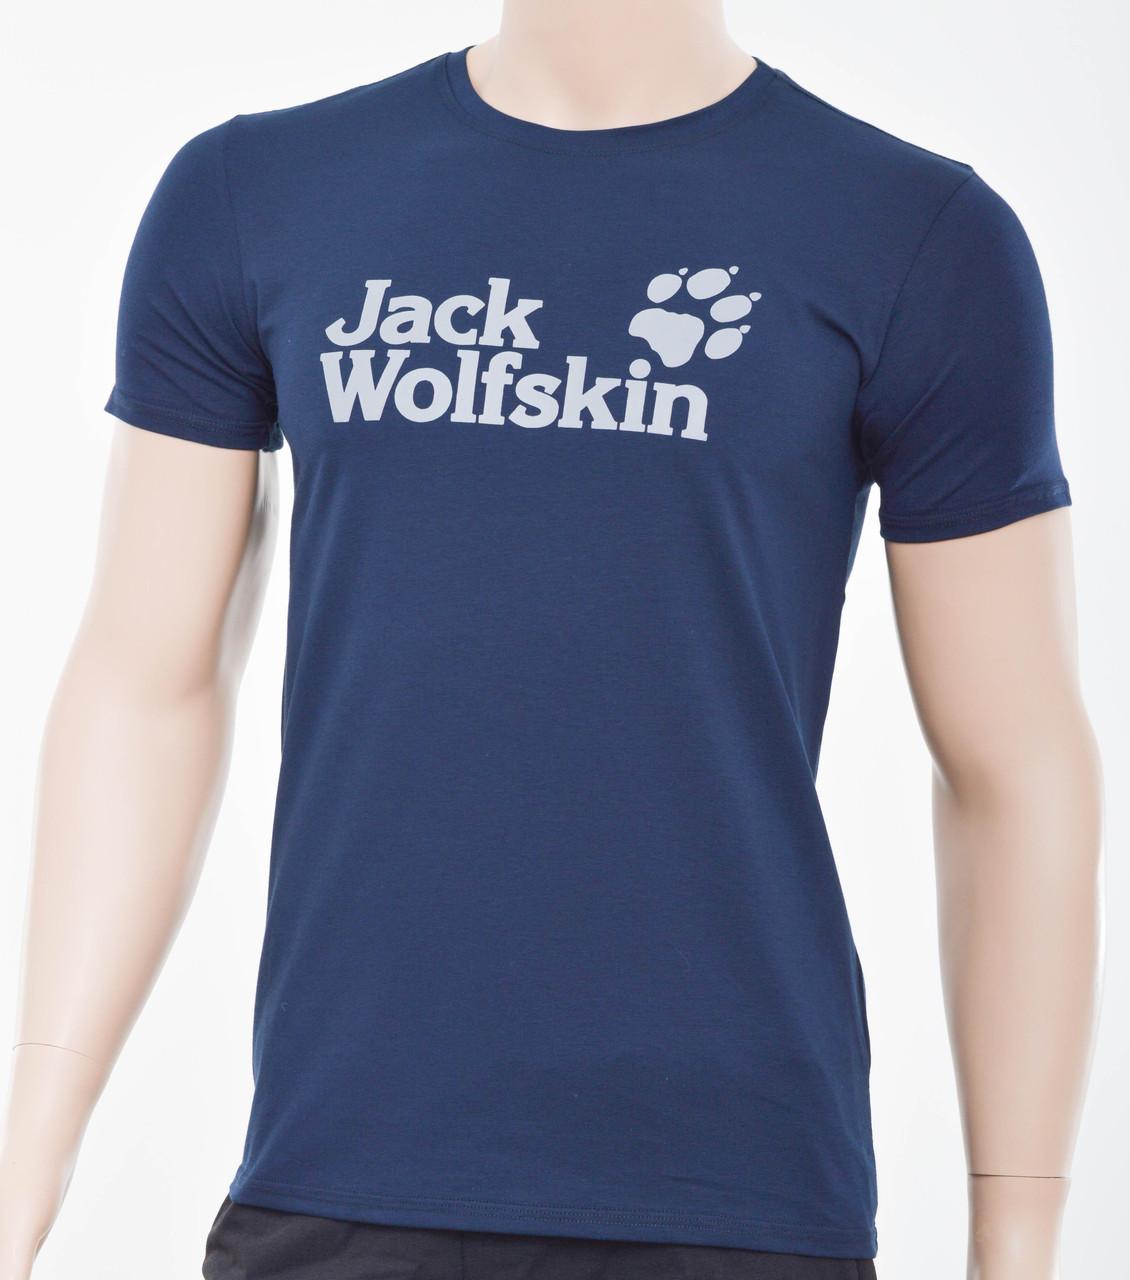 Чоловіча футболка Jack Wolfskin (репліка) синій